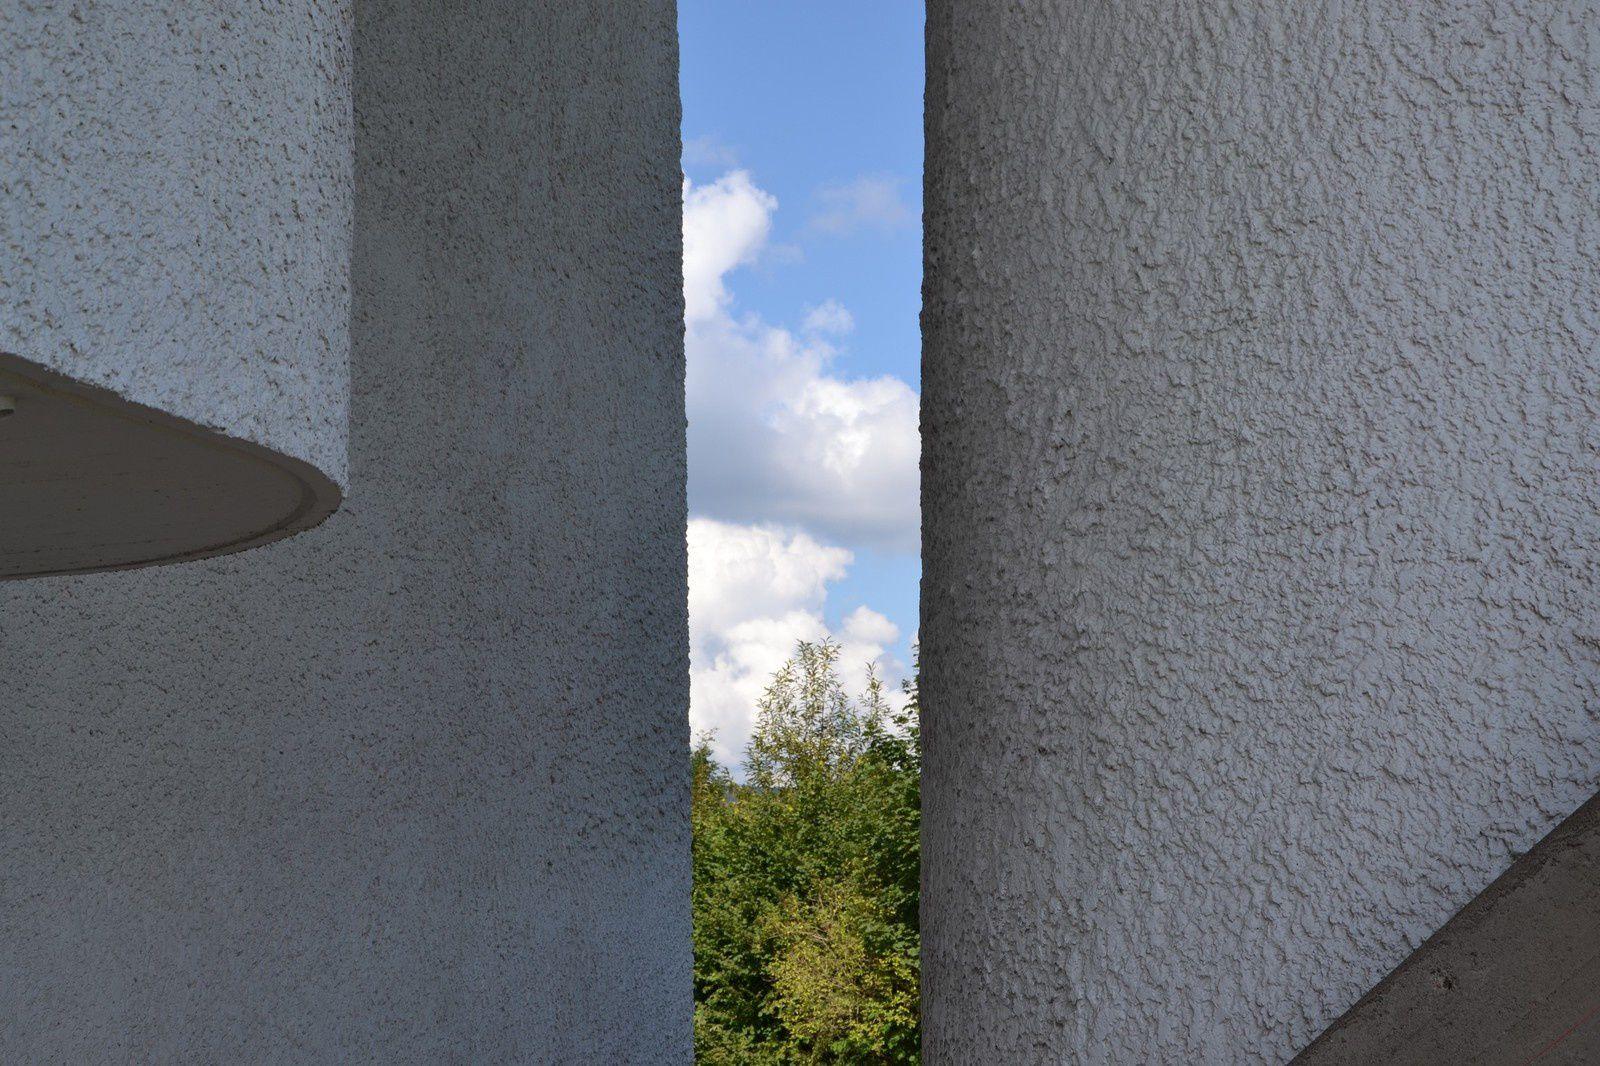 Fin d'été chez Le Corbusier - Ronchamp